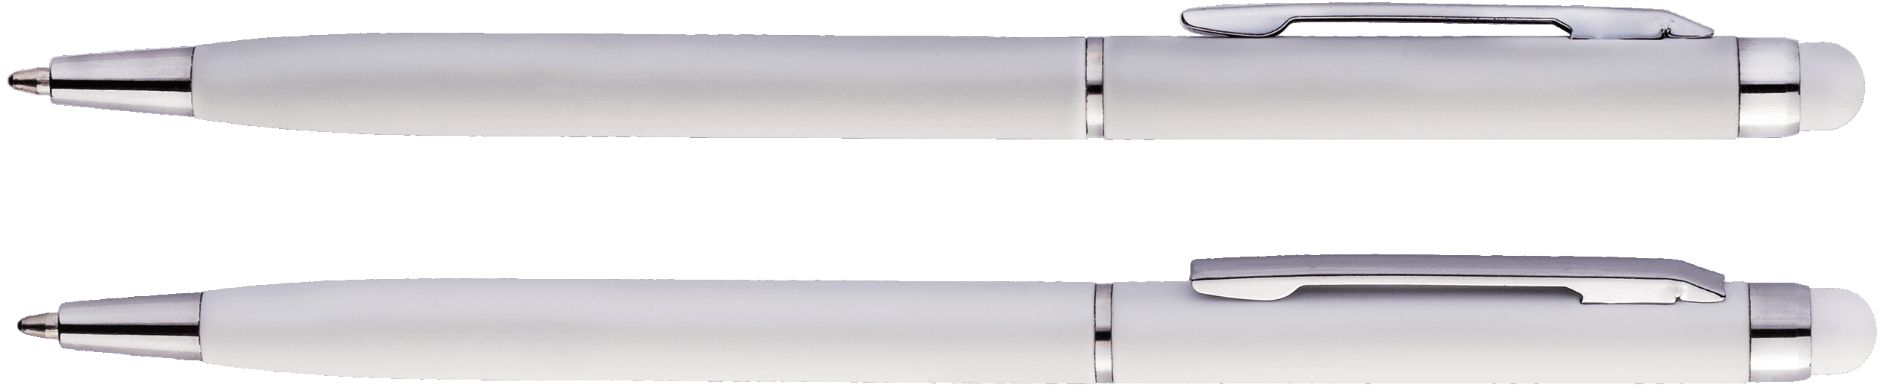 ручки с soft touch покрытием